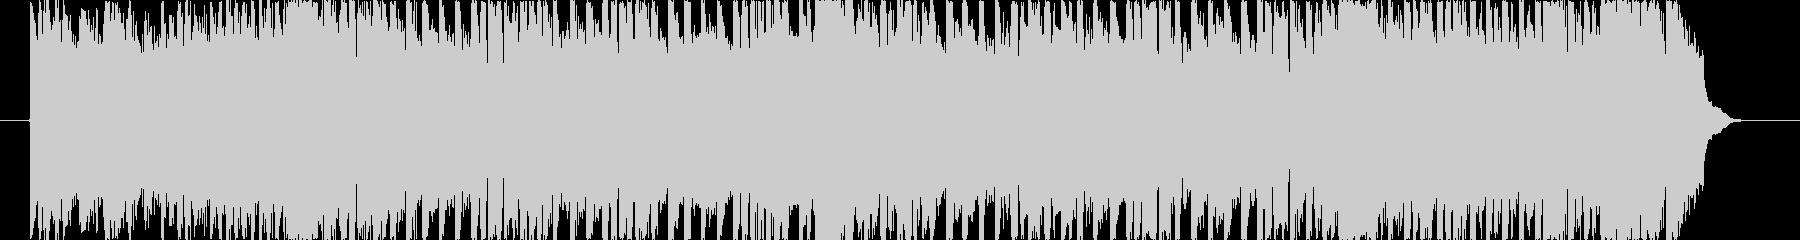 テクノポップマーチ・バラエティ番組BGMの未再生の波形